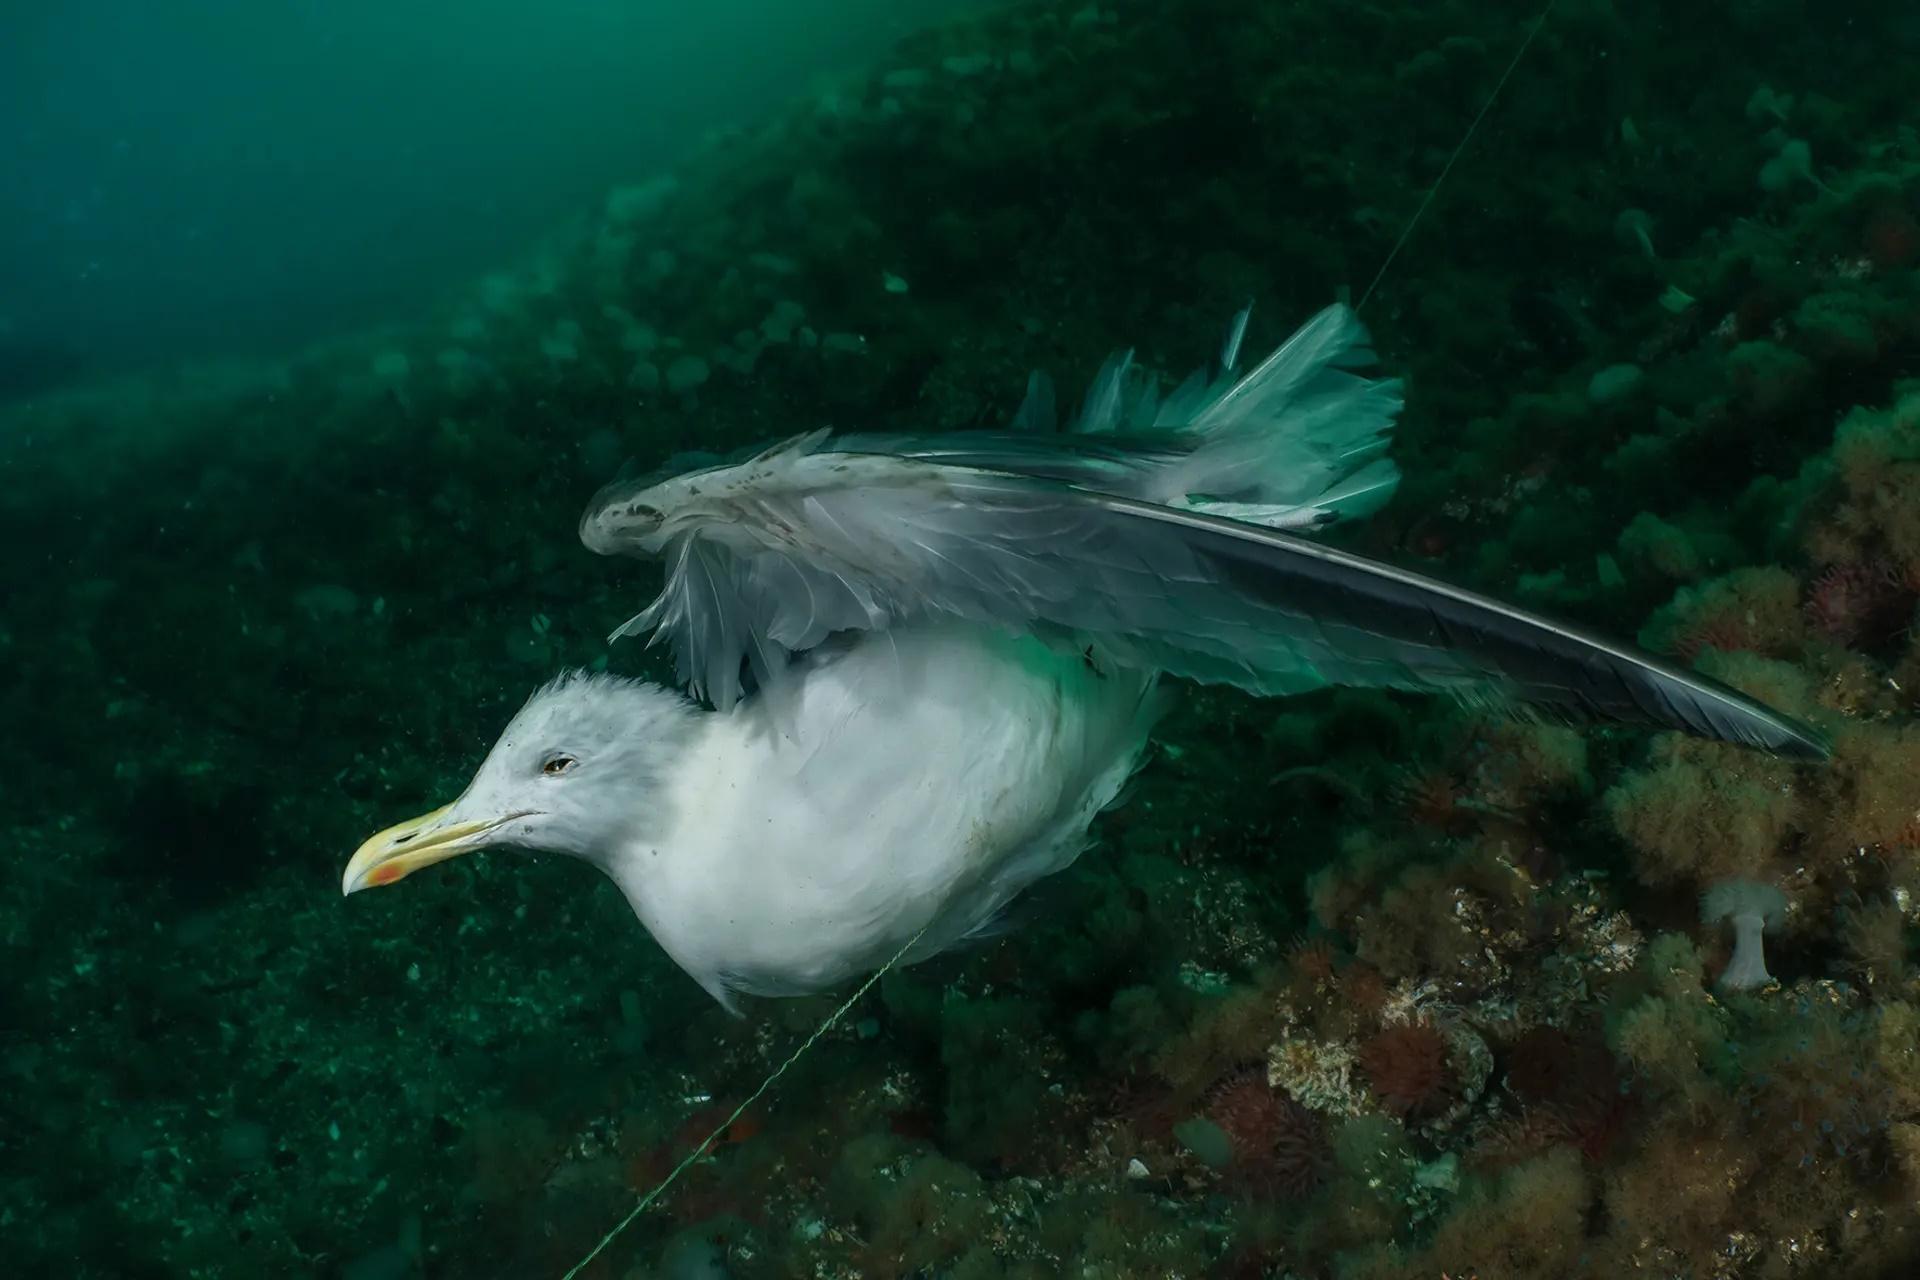 Η φωτογραφία του γλάρου που έχει πιαστεί σε παλιά πετονιά κέρδισε τη δεύτερη θέση στην κατηγορία «Φωτογράφος Διατήρησης της Φύσης»